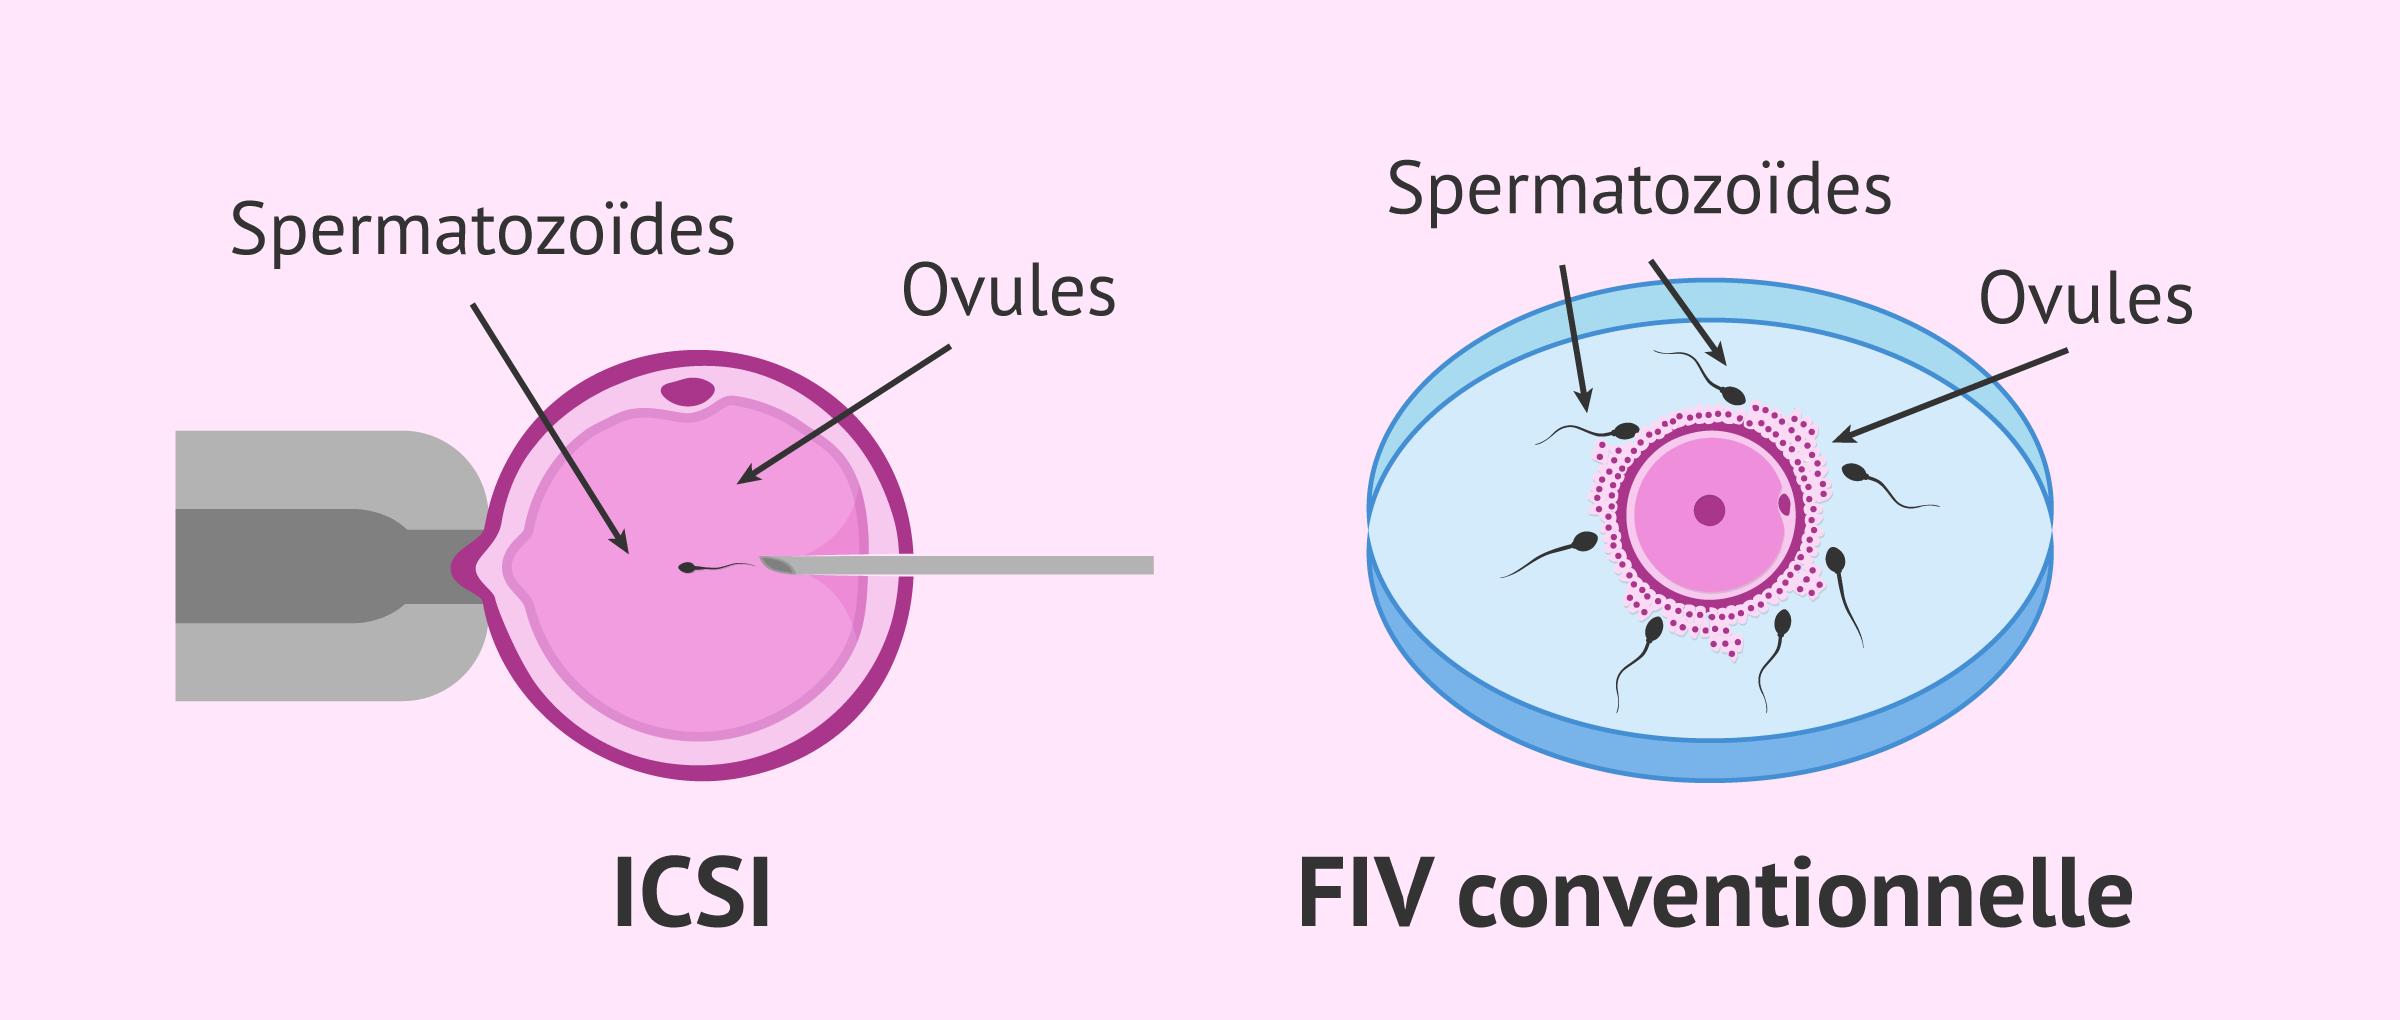 Imagen: Comparaison entre la FIV conventionnelle et l'ICSI